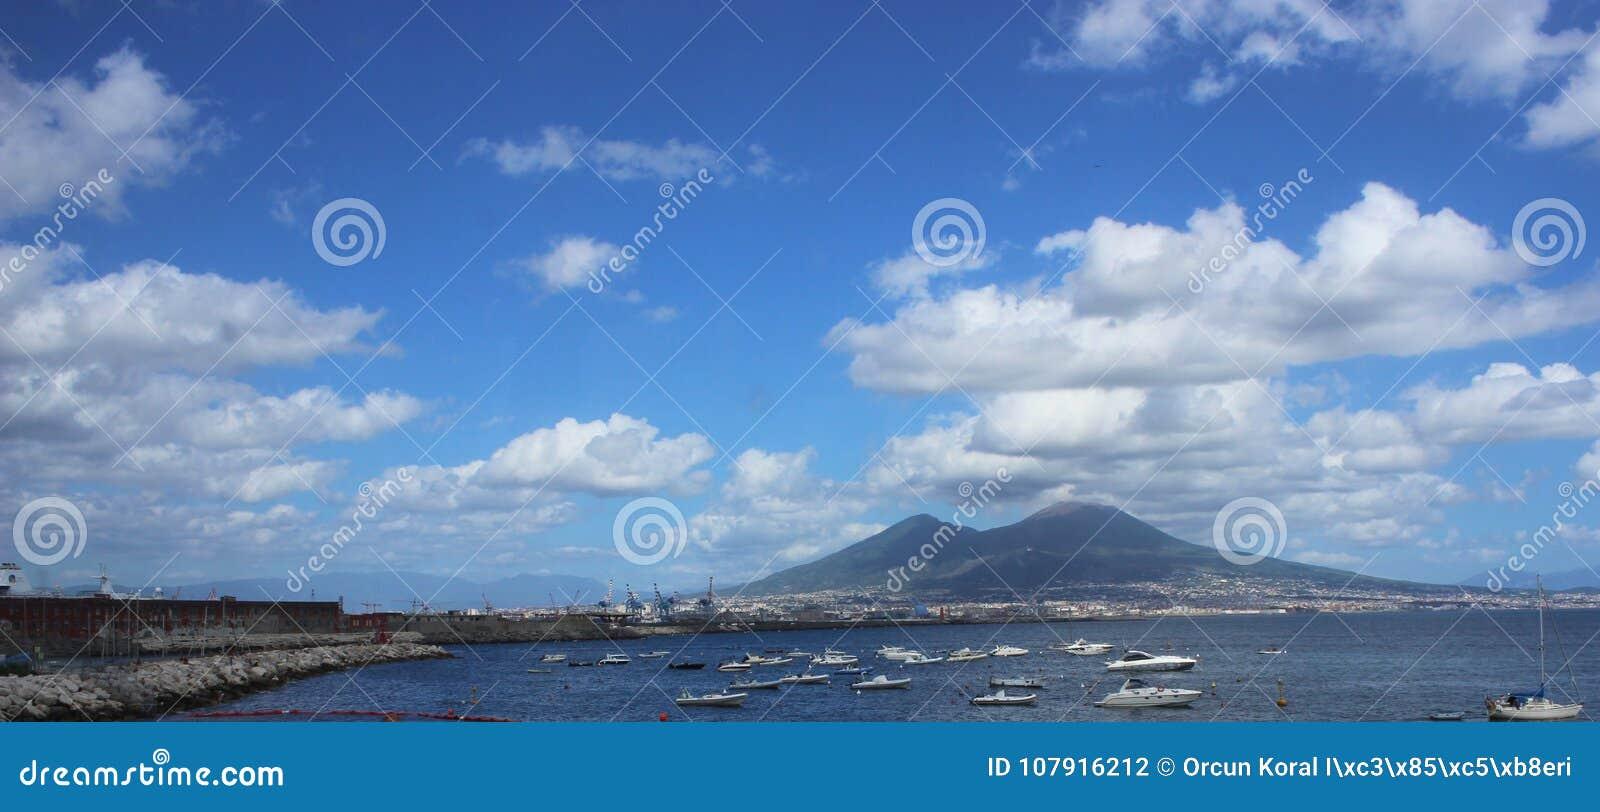 Panaromic-Seeszene von Napoli, Italien